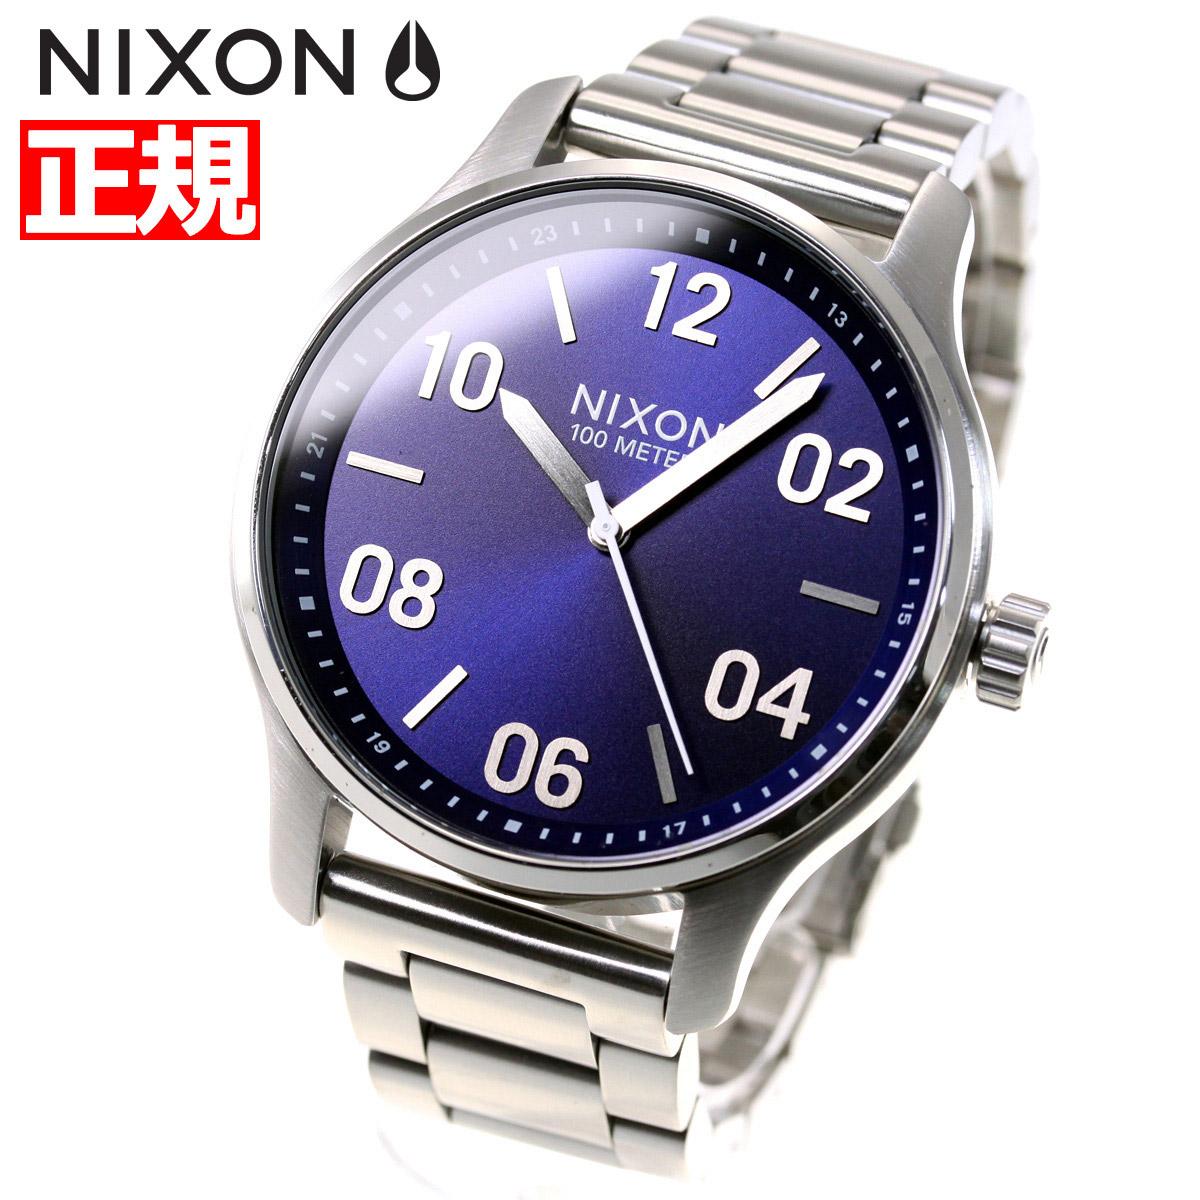 ニクソン NIXON パトロール PATROL 腕時計 メンズ ネイビー/シルバー NA12421849-00【2018 新作】